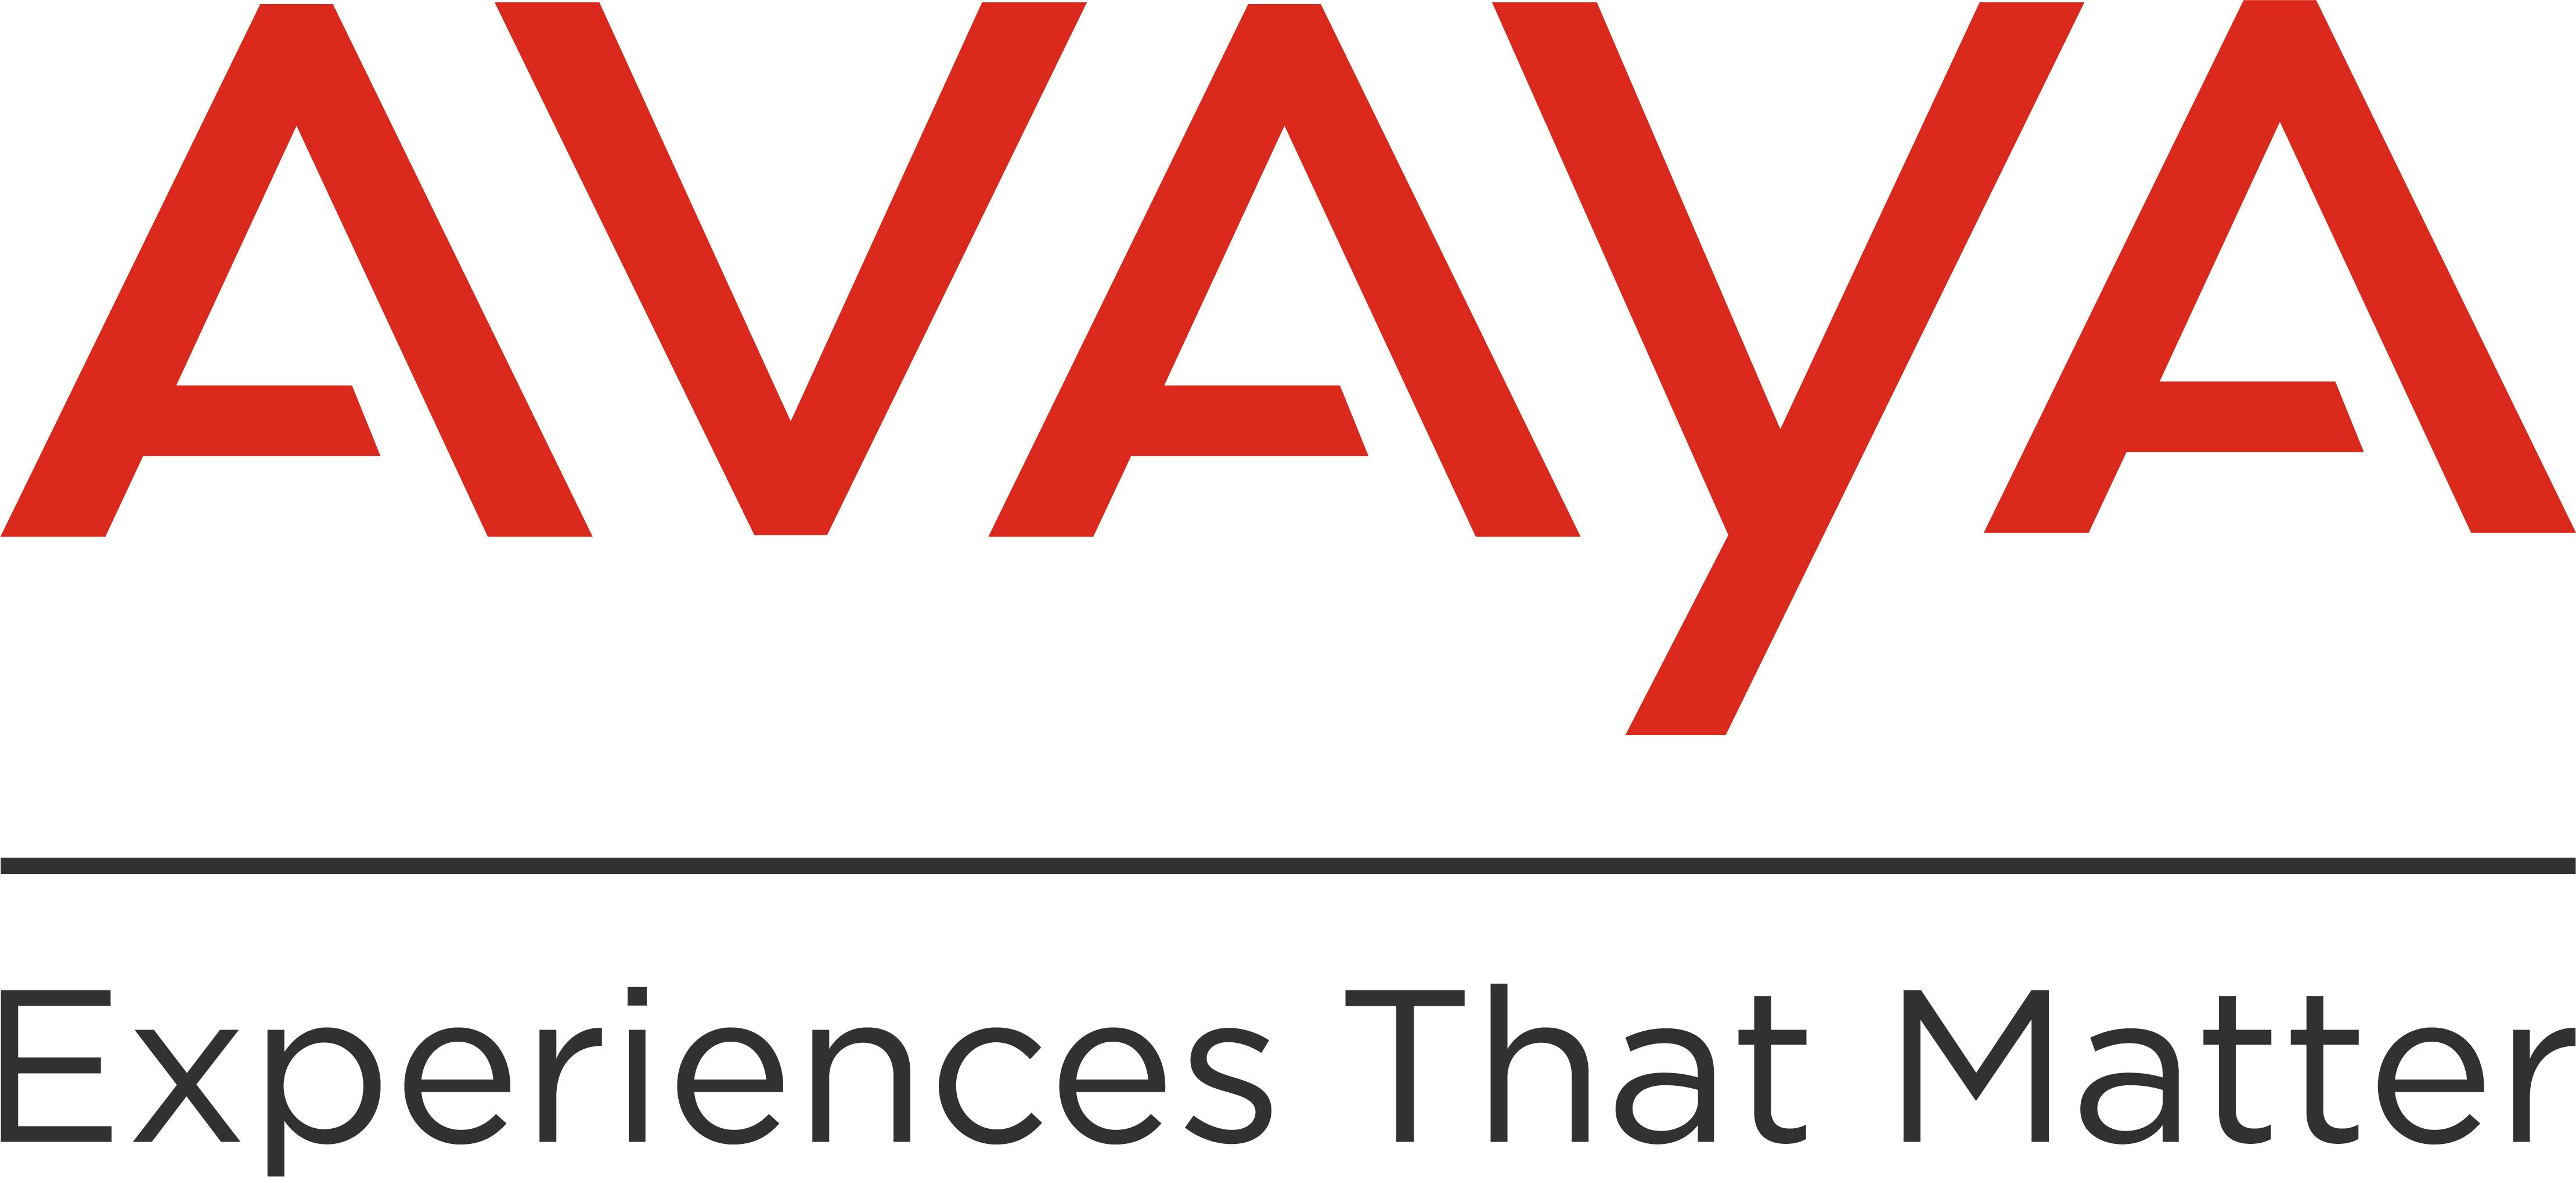 Avaya reconocida nuevamente por su Innovación y Excelencia en Centros de Contacto